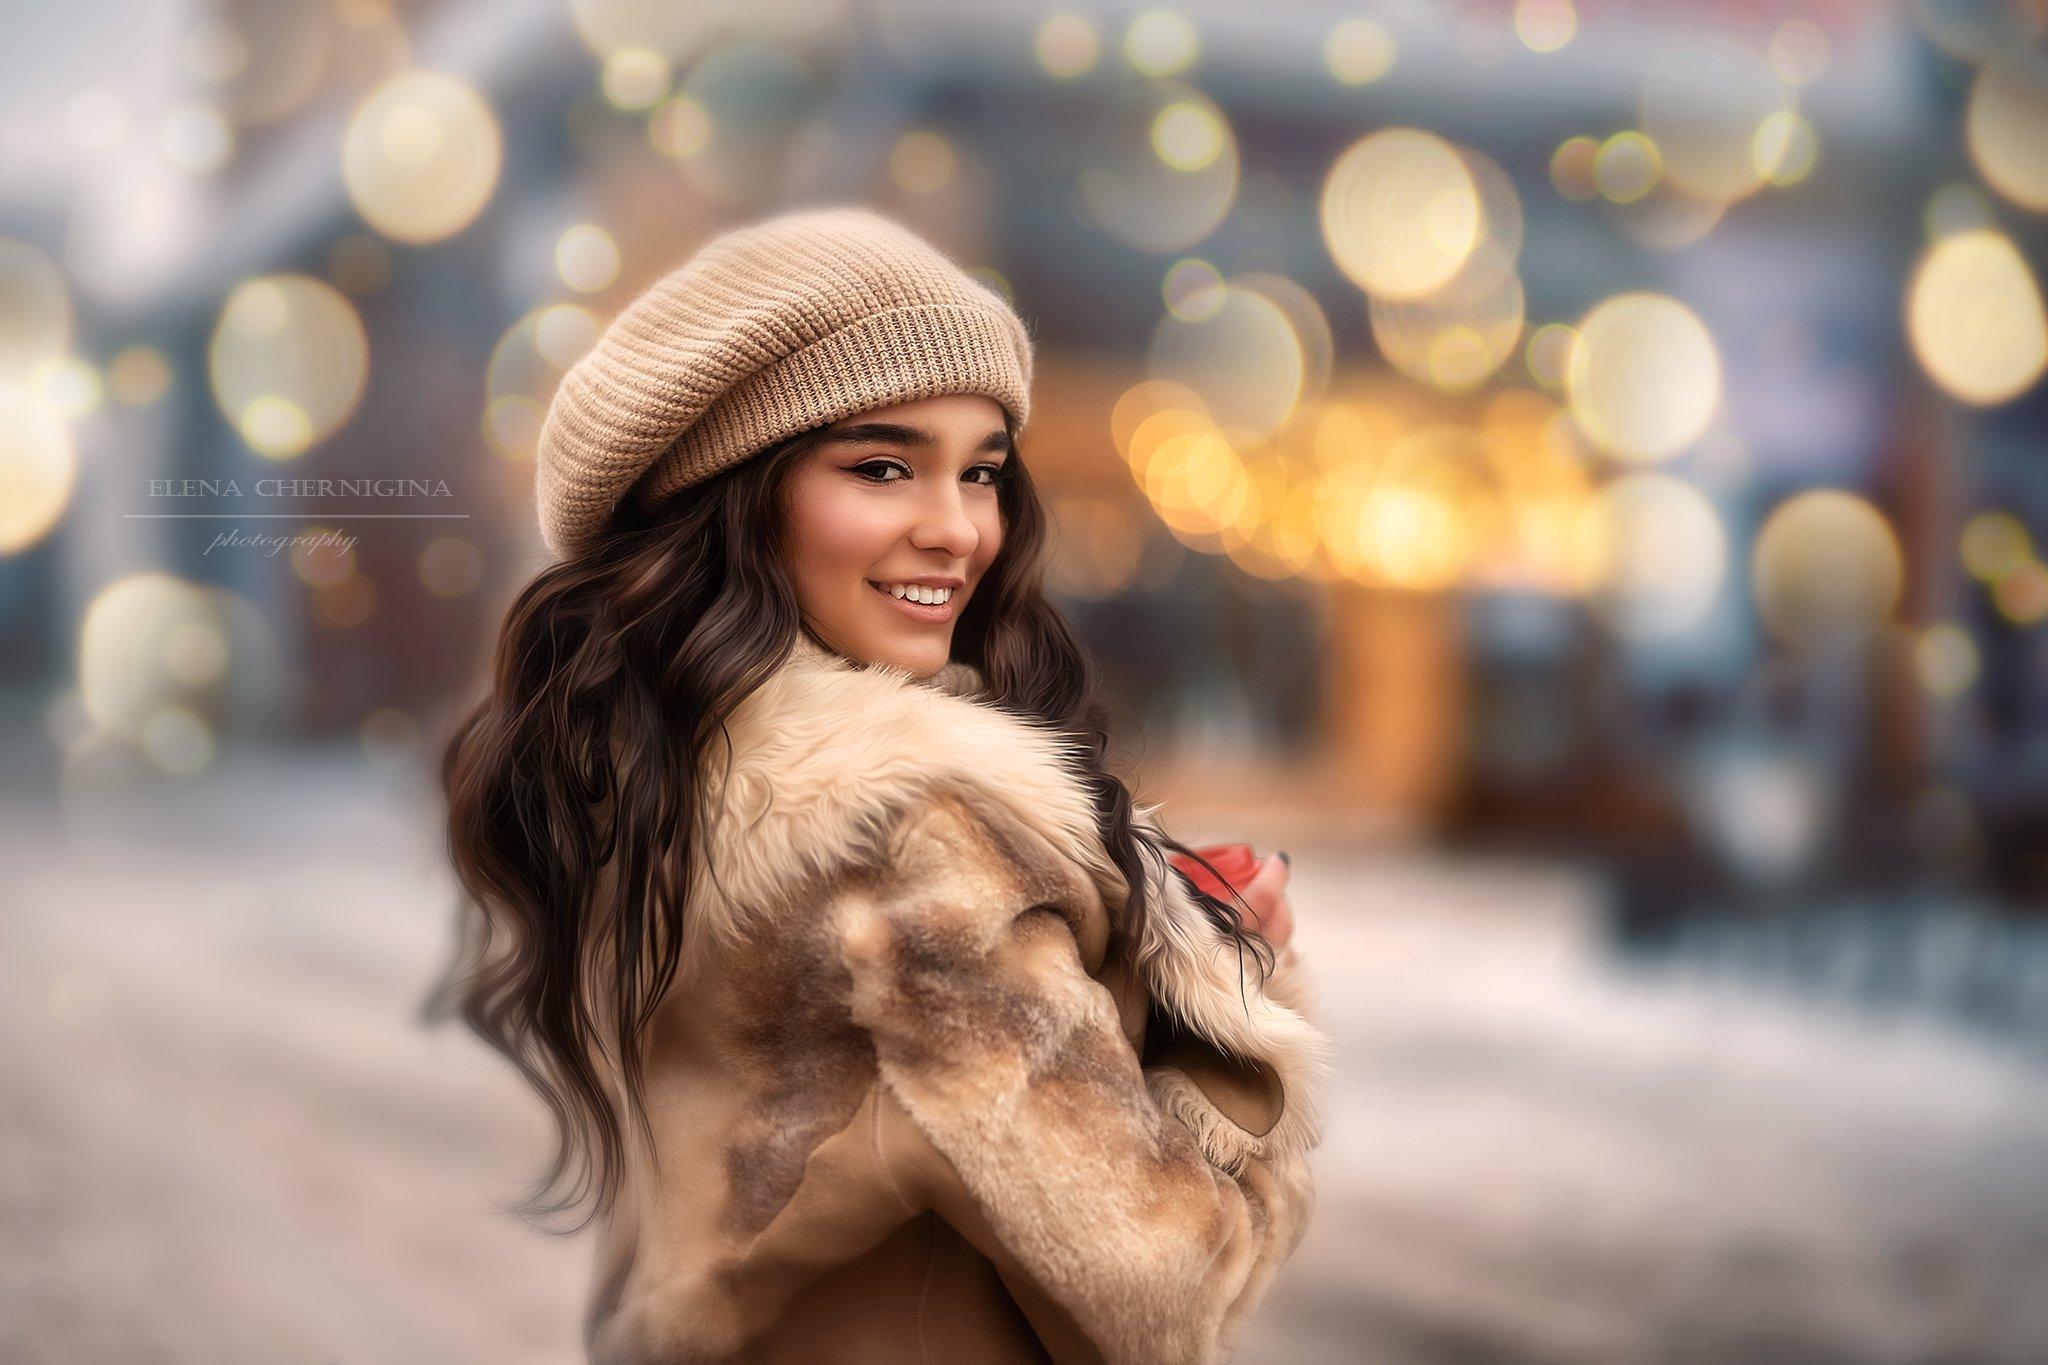 девушка, красивая девушка, женский портрет, красотка, молодость, Чернигина Елена